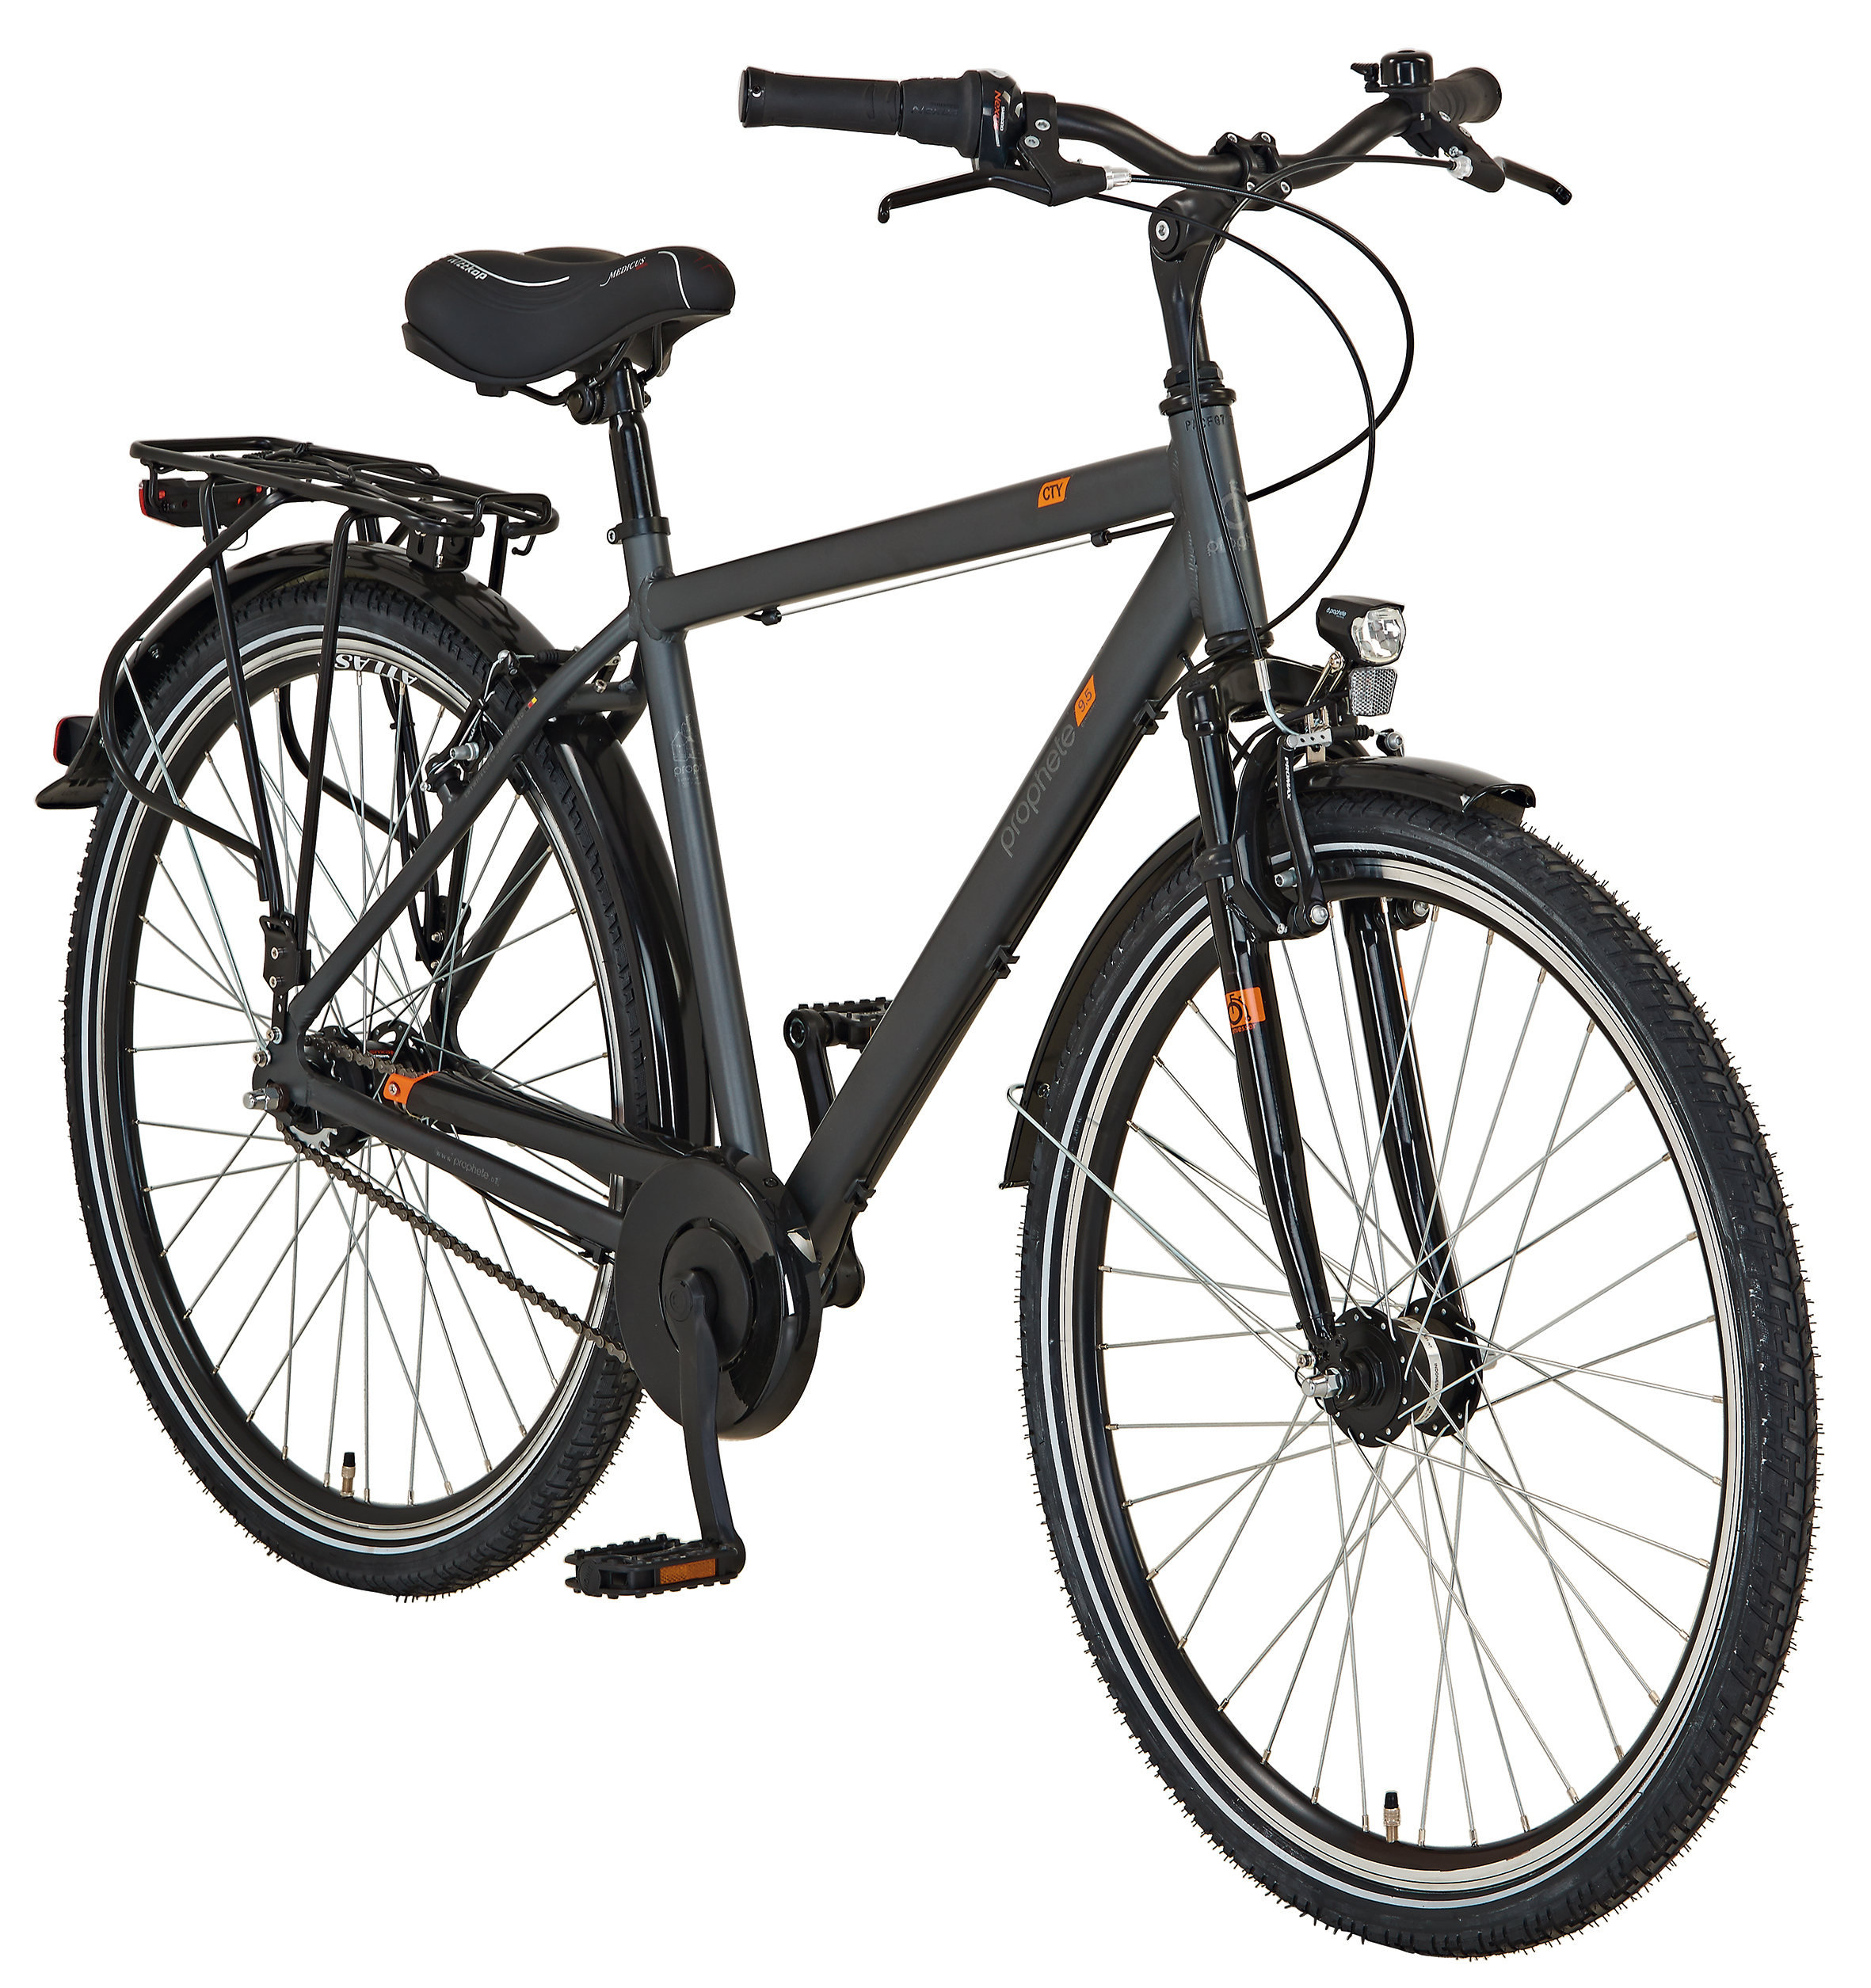 """Prophete Fahrrad / Cityrad Geniesser 9.5 City Bike 28"""" Herren Bild 2"""